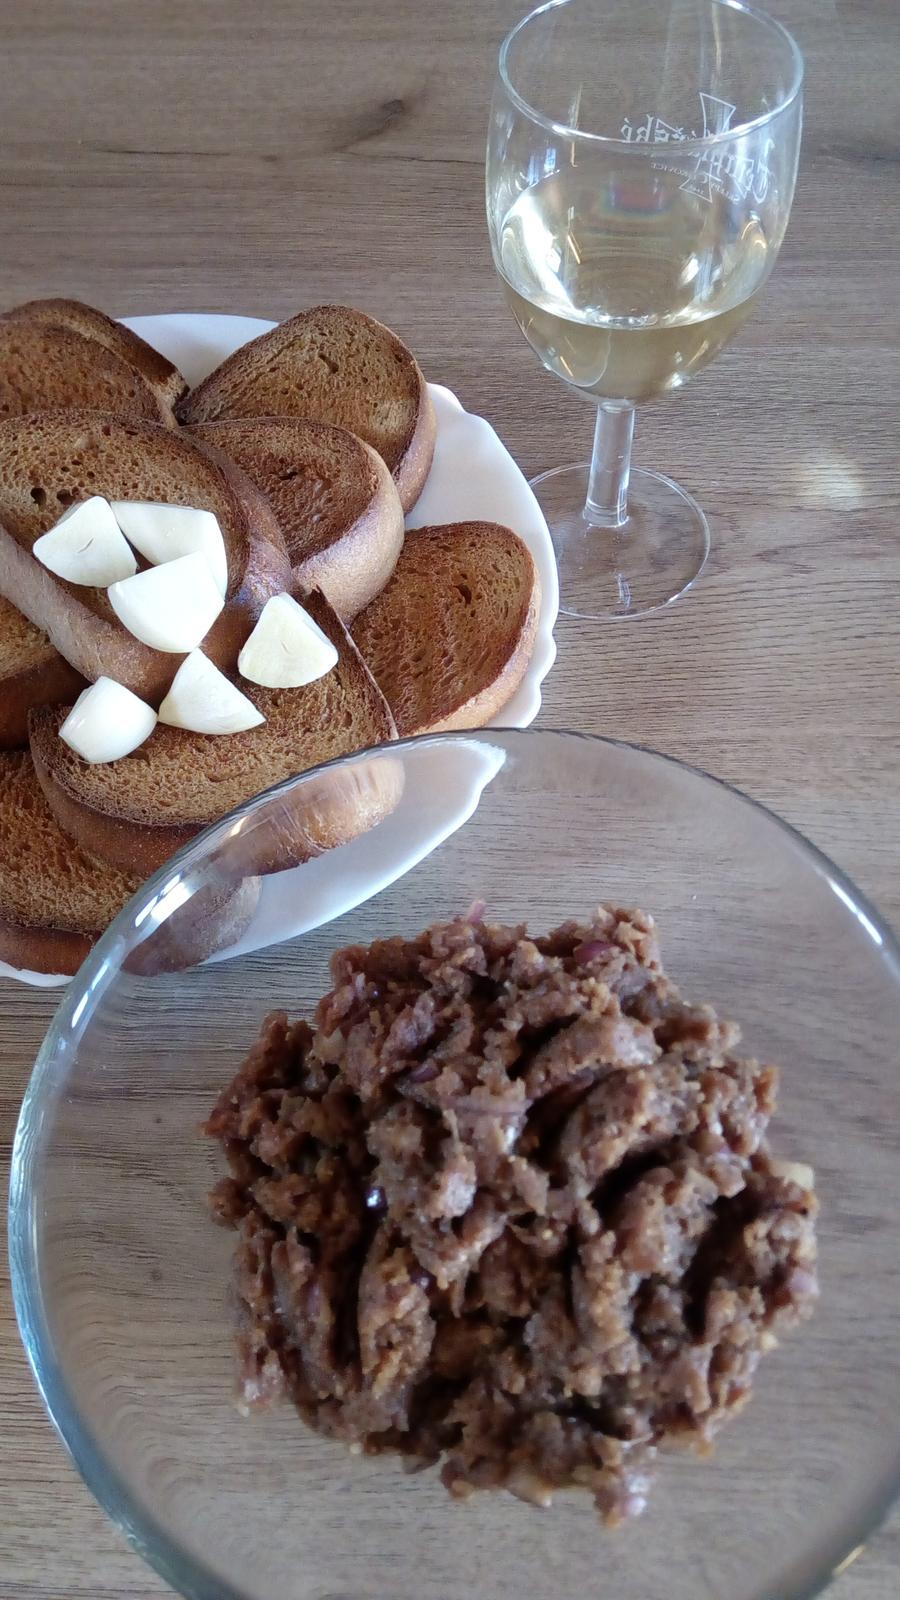 Hokus pokus v kuchyni - Tataráček ... ten máme doma rádi :-)